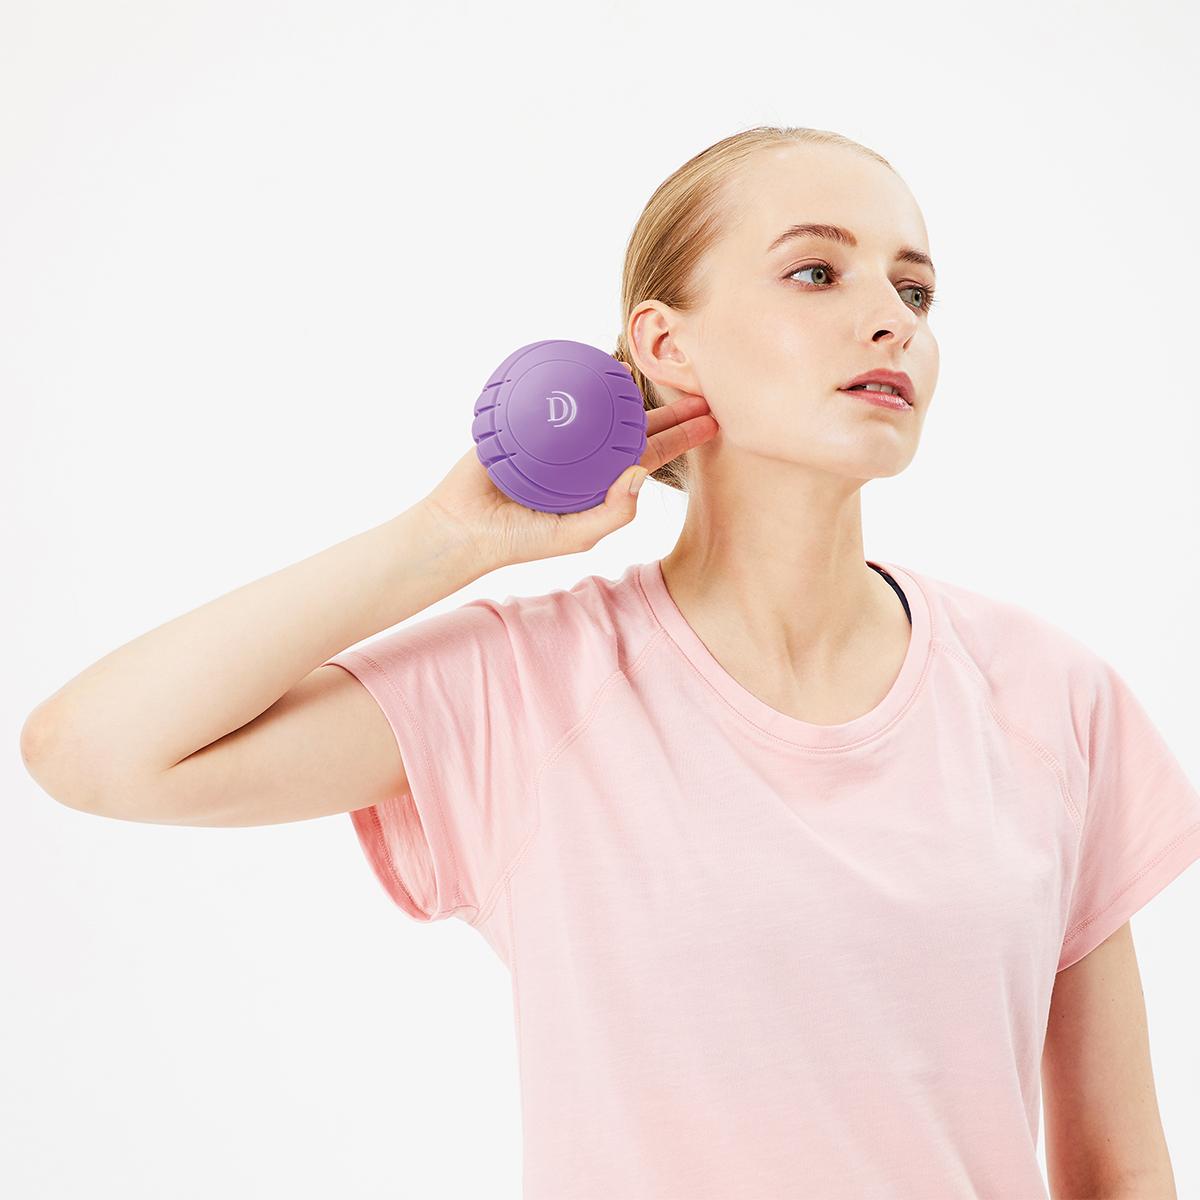 毎分4000回の振動で、筋肉を奥深くから揺さぶるストレッチボール Dr.Air 3Dコンディショニングボール